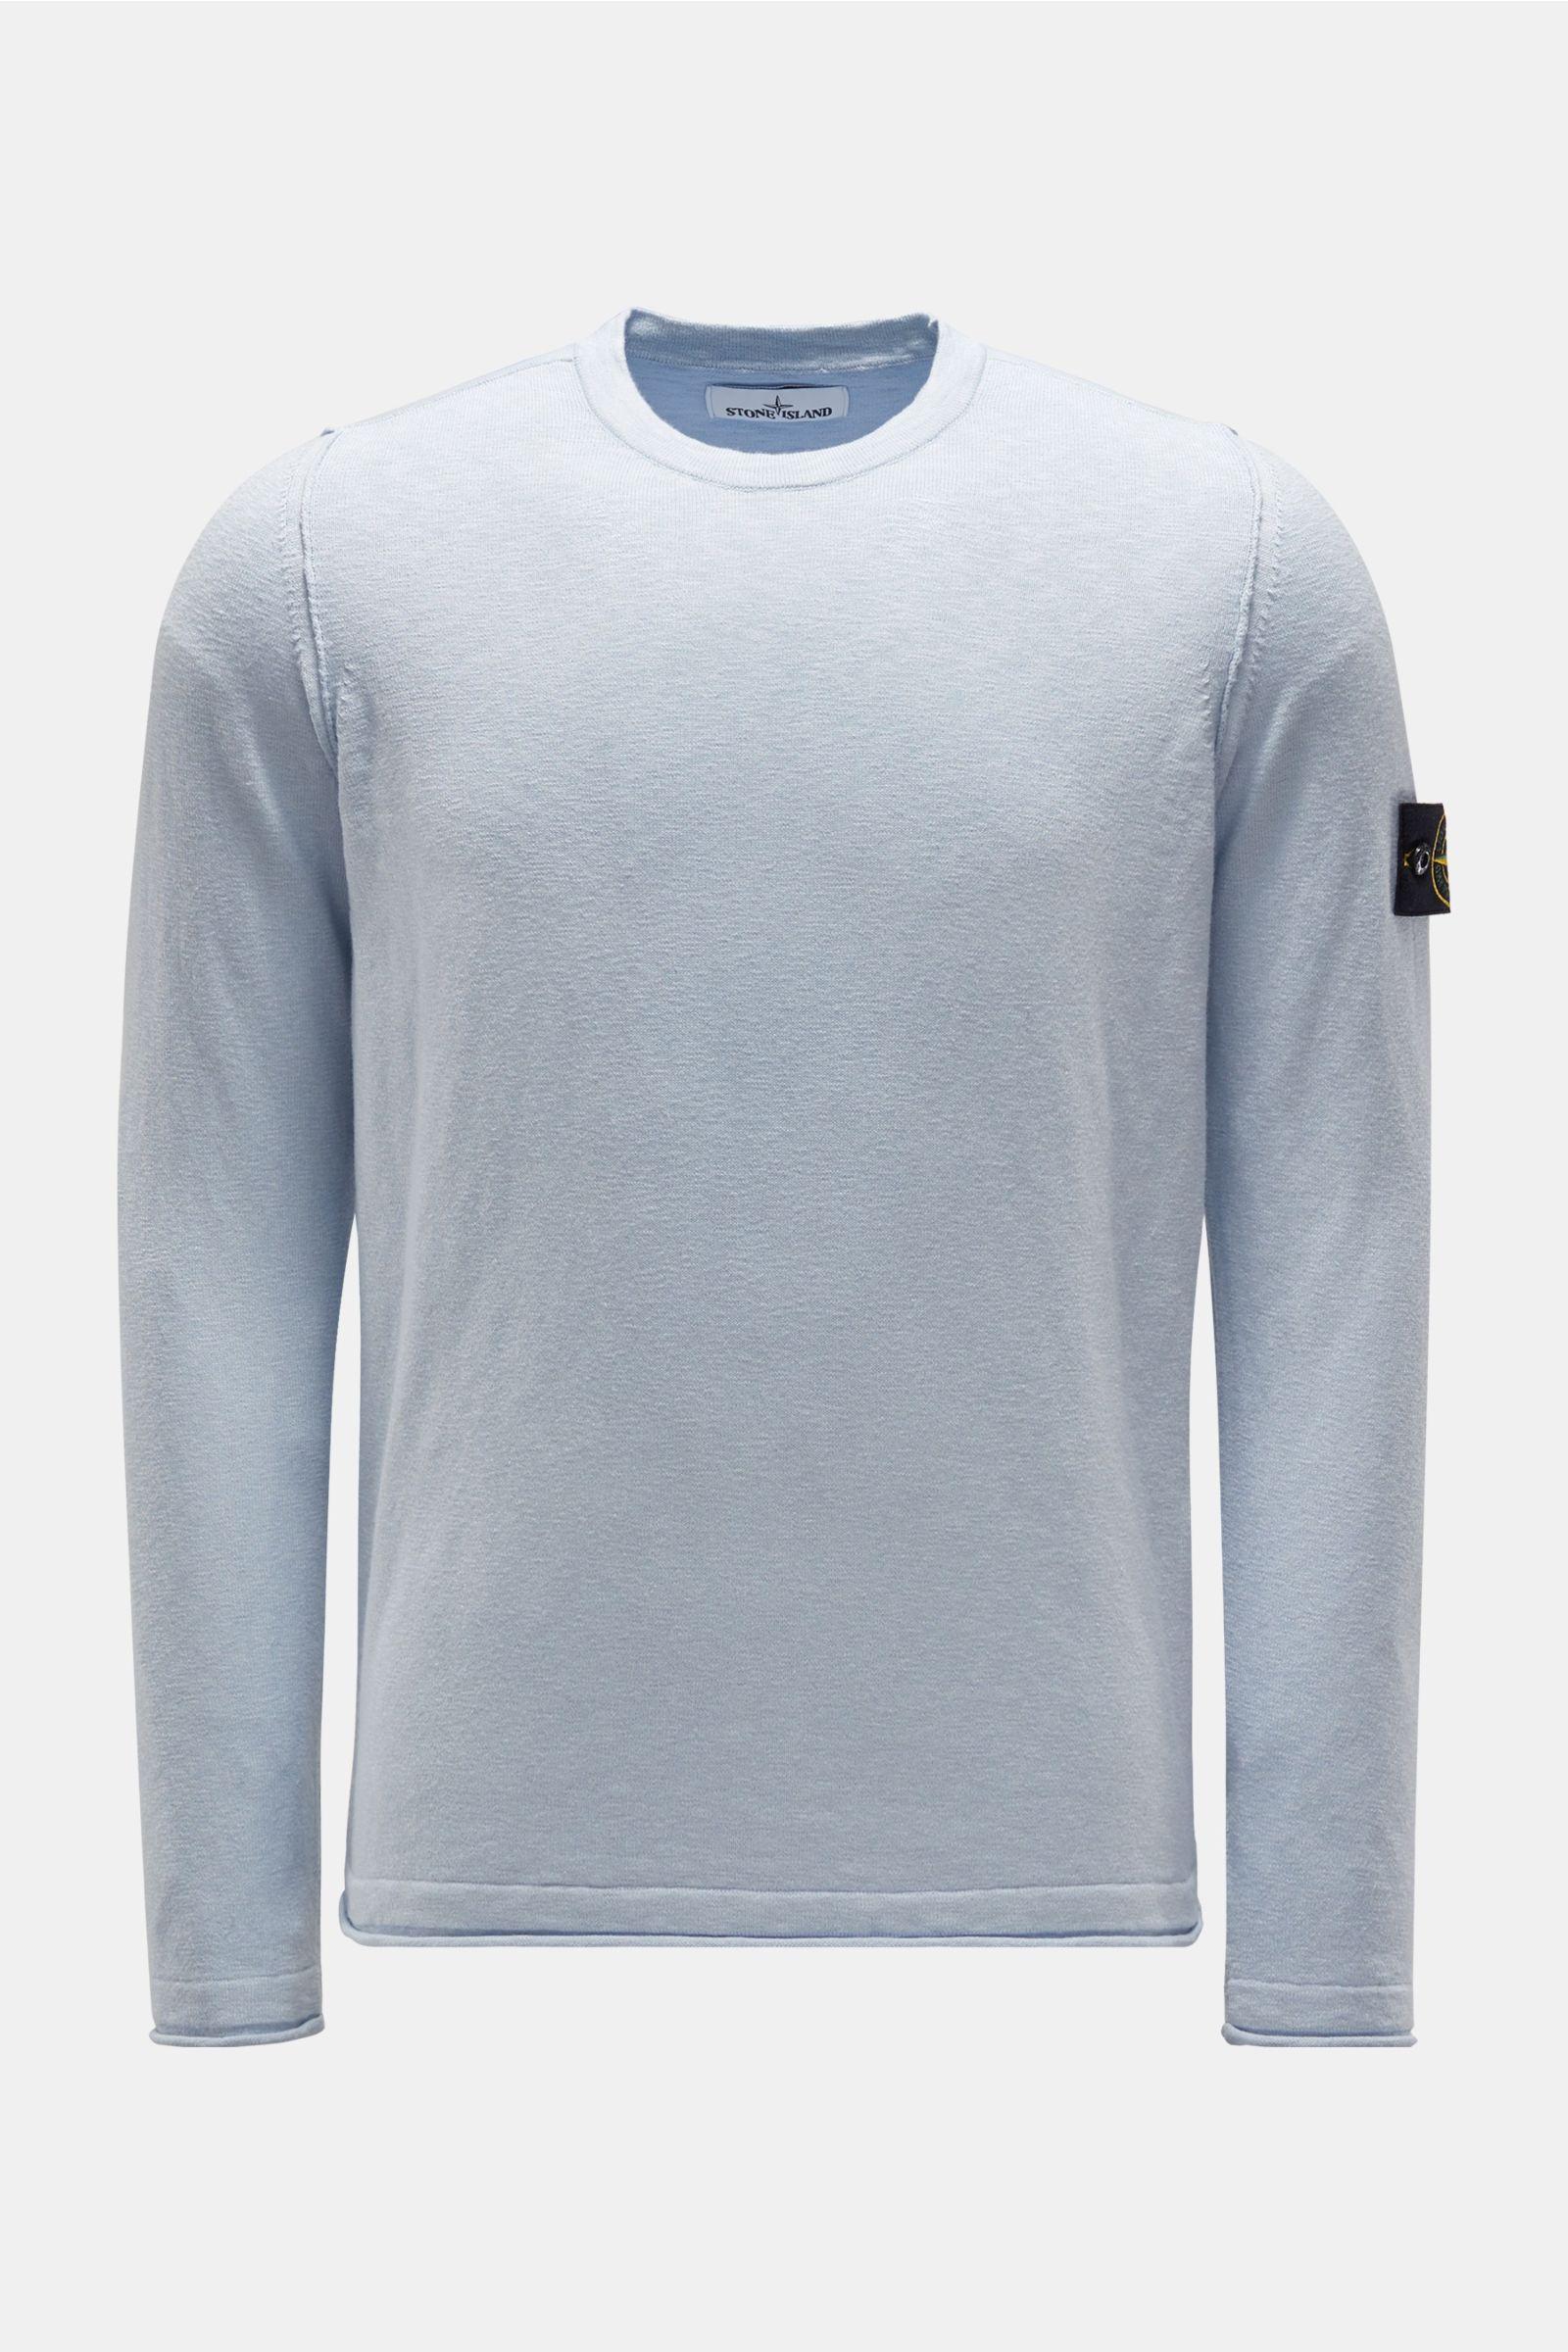 R-Neck Pullover pastellblau